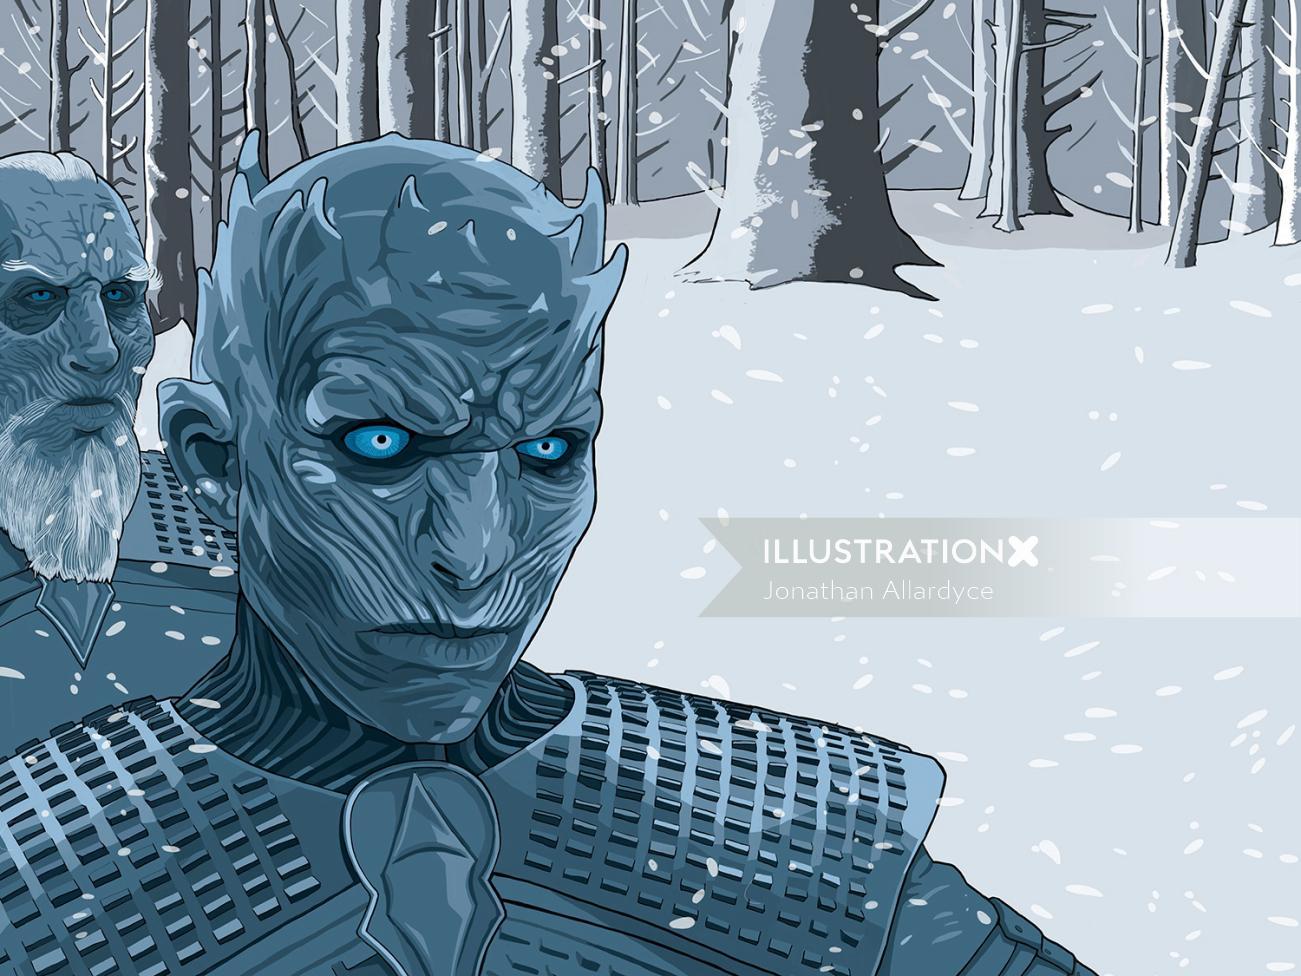 Illustration of White walkers monster